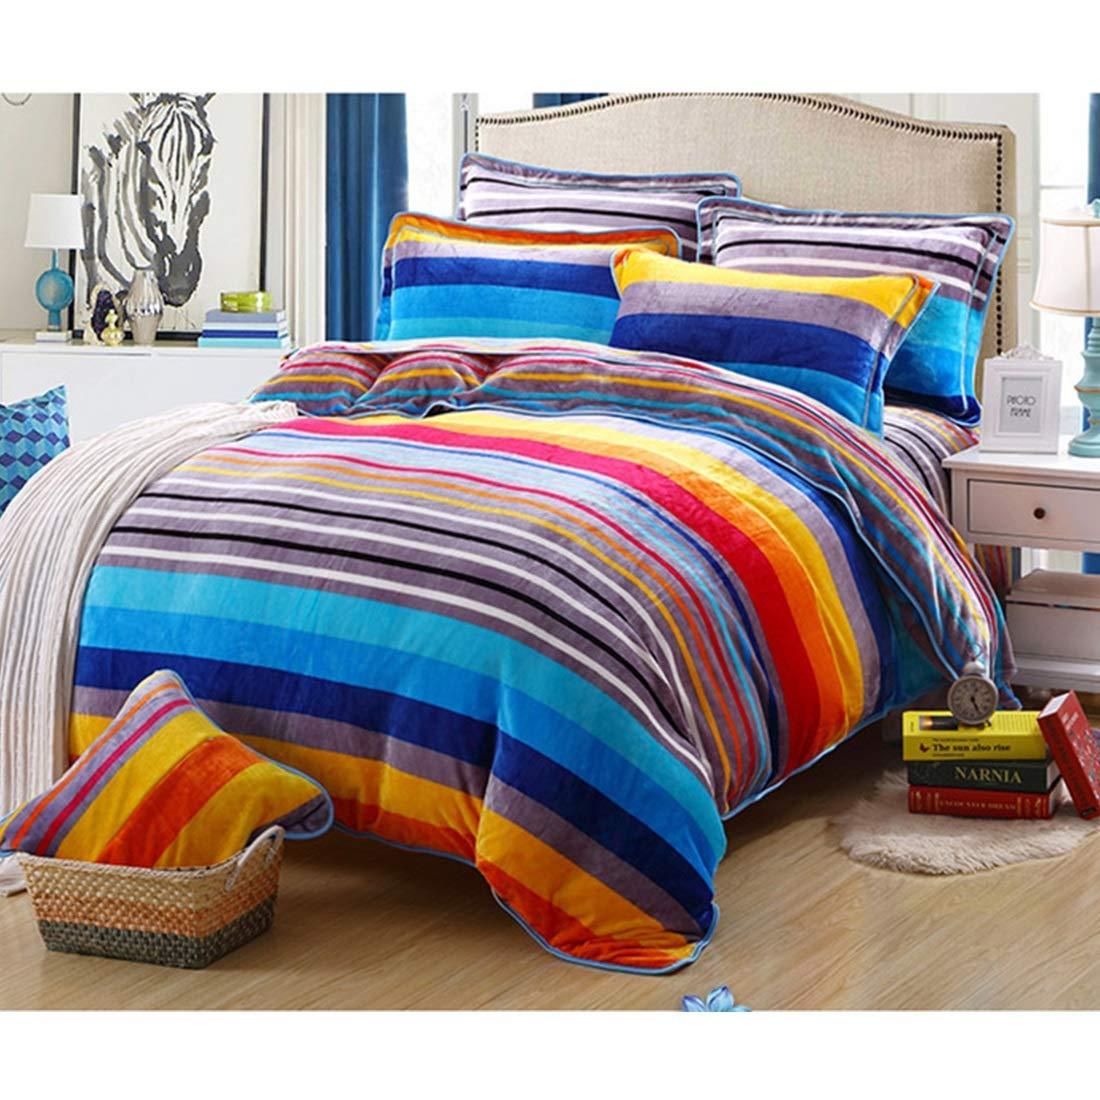 完全な枕カバー寝具セット 4ピースレインボーシリーズフランネル布団カバーセットピローケースカバー付き快適なベッドシーツセット (サイズ : Queen) B07R2NQBMQ  Queen